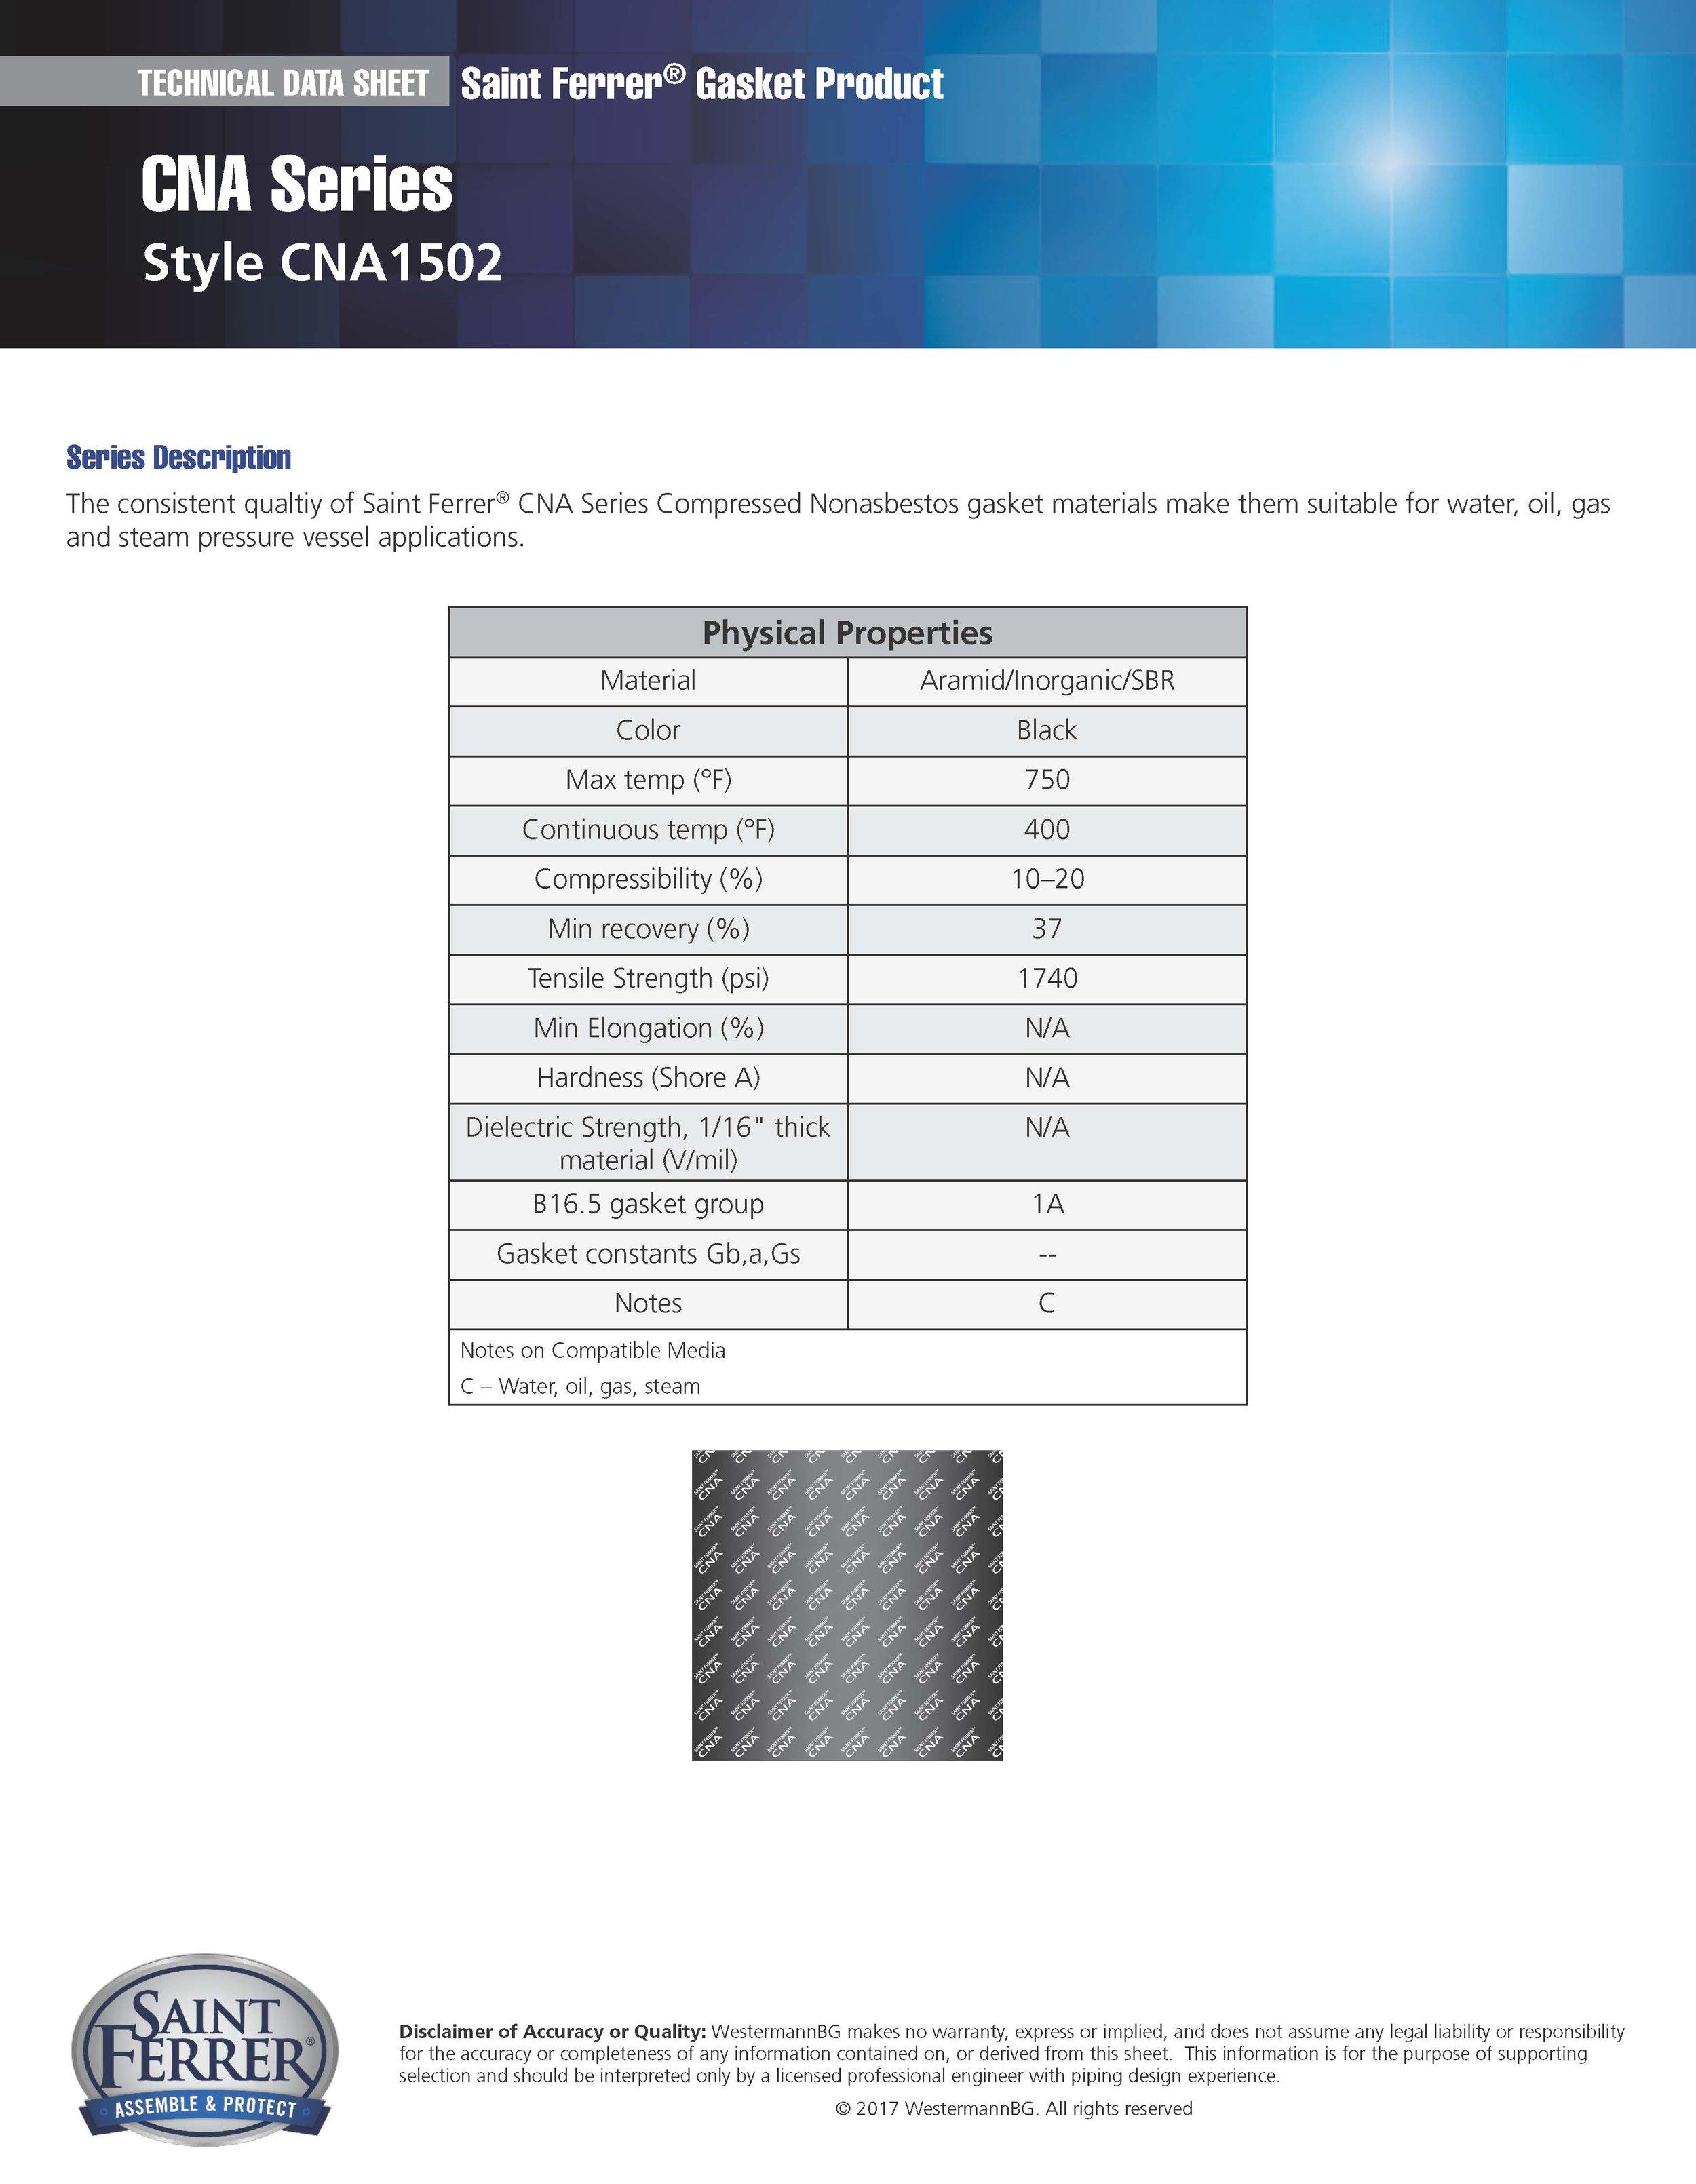 SF_Data_Sheet_Gaskets_CNA1502.jpg